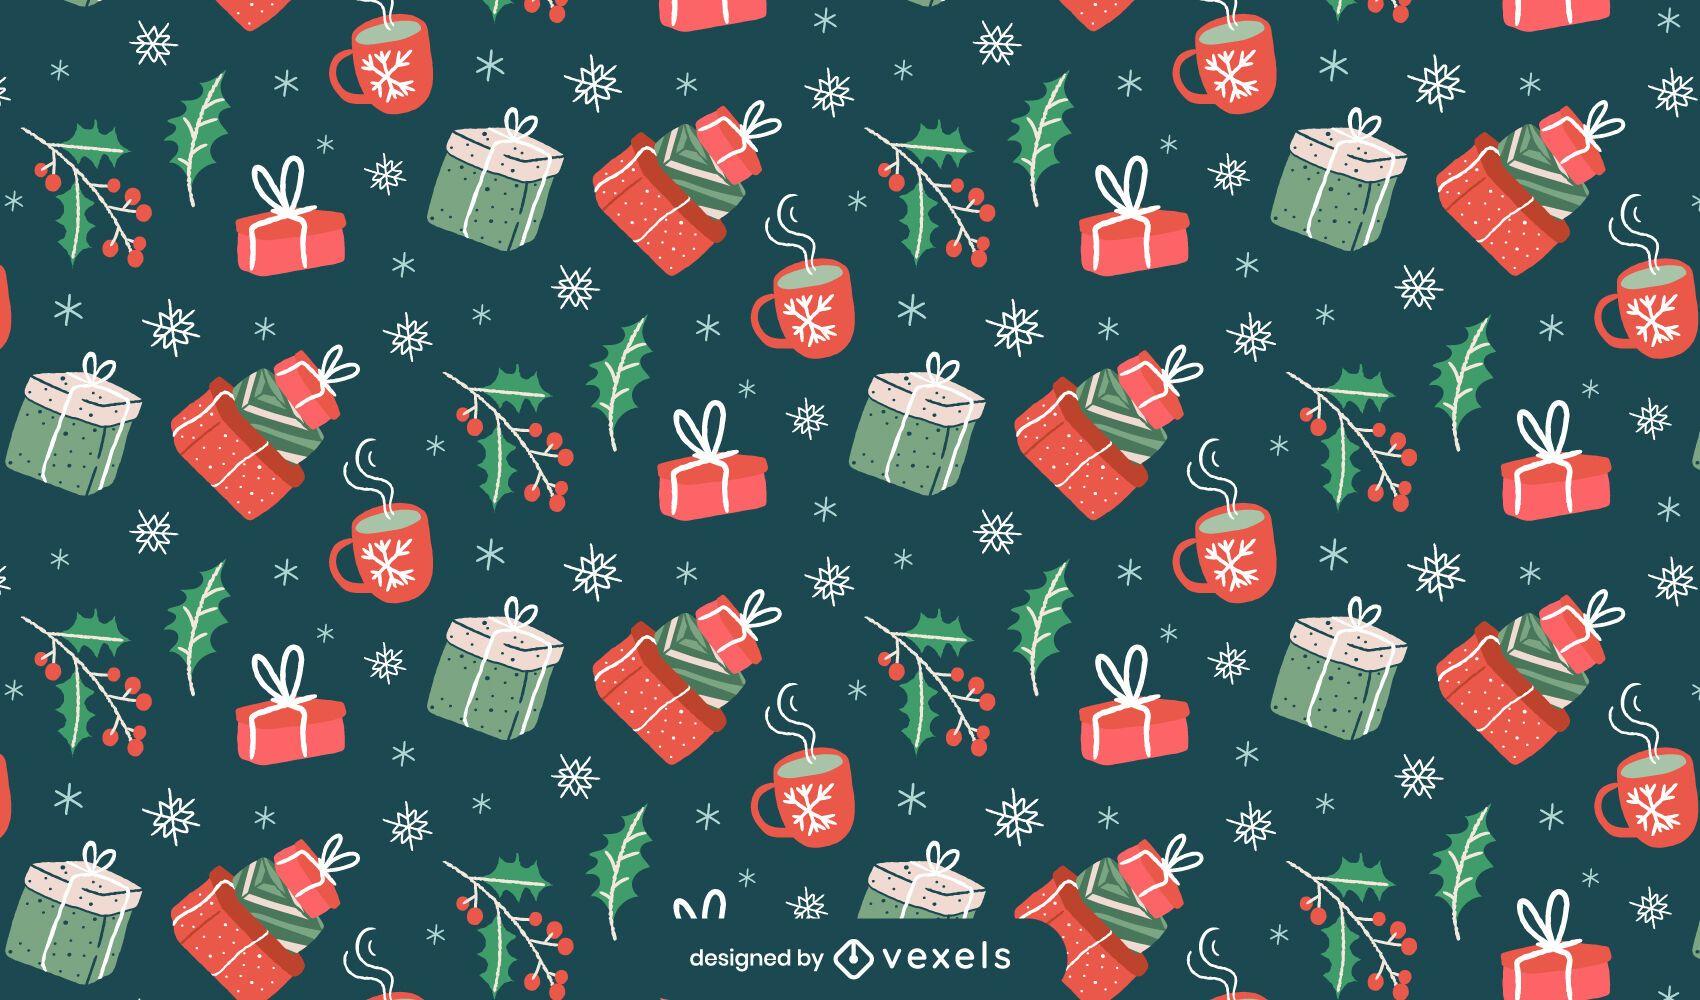 Regalos navidad diseño de patrón